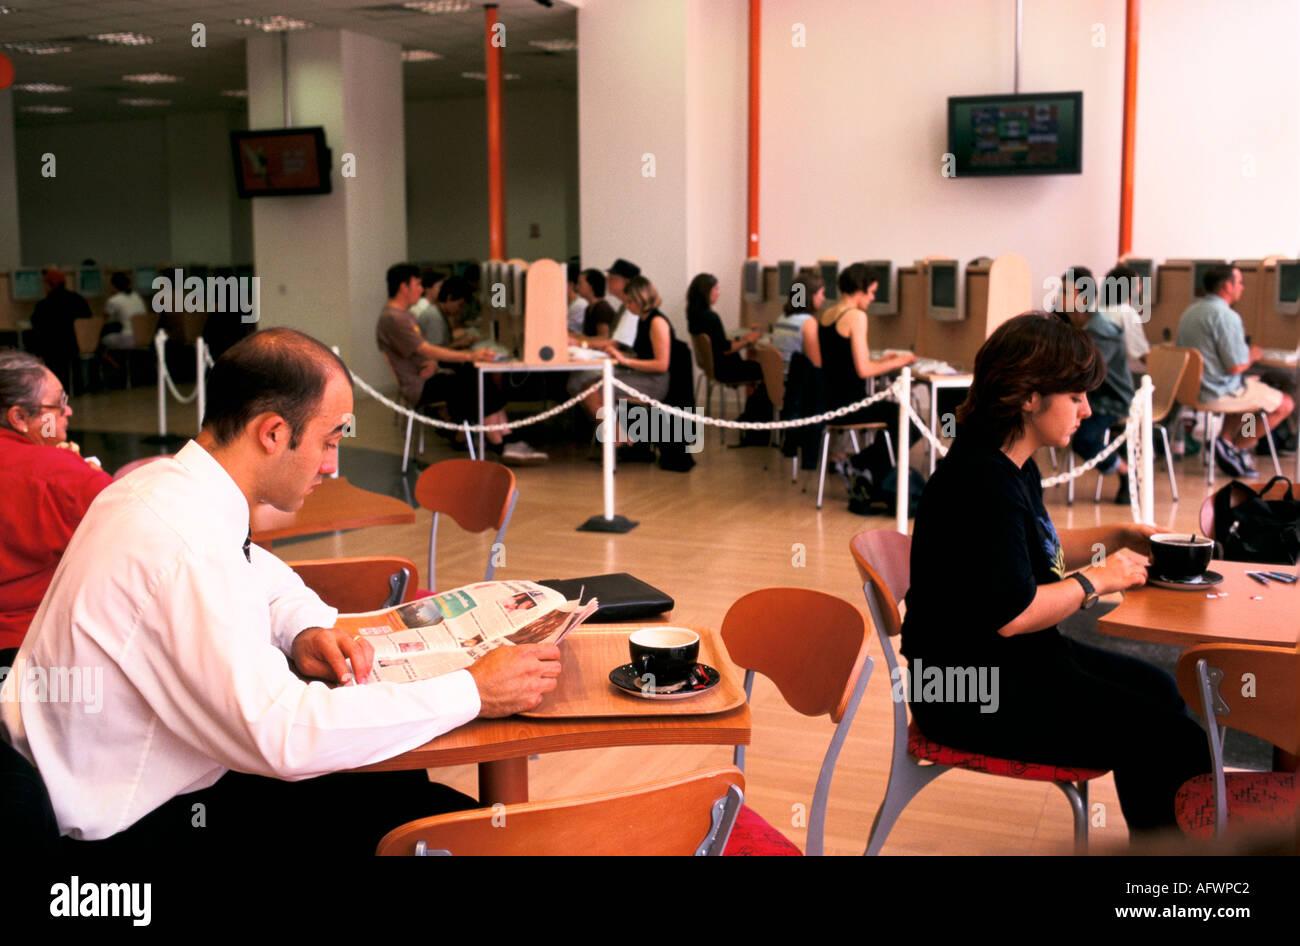 EASYEVERYTHING INTERNET CAFE VICTORIA LONDON UK - Stock Image